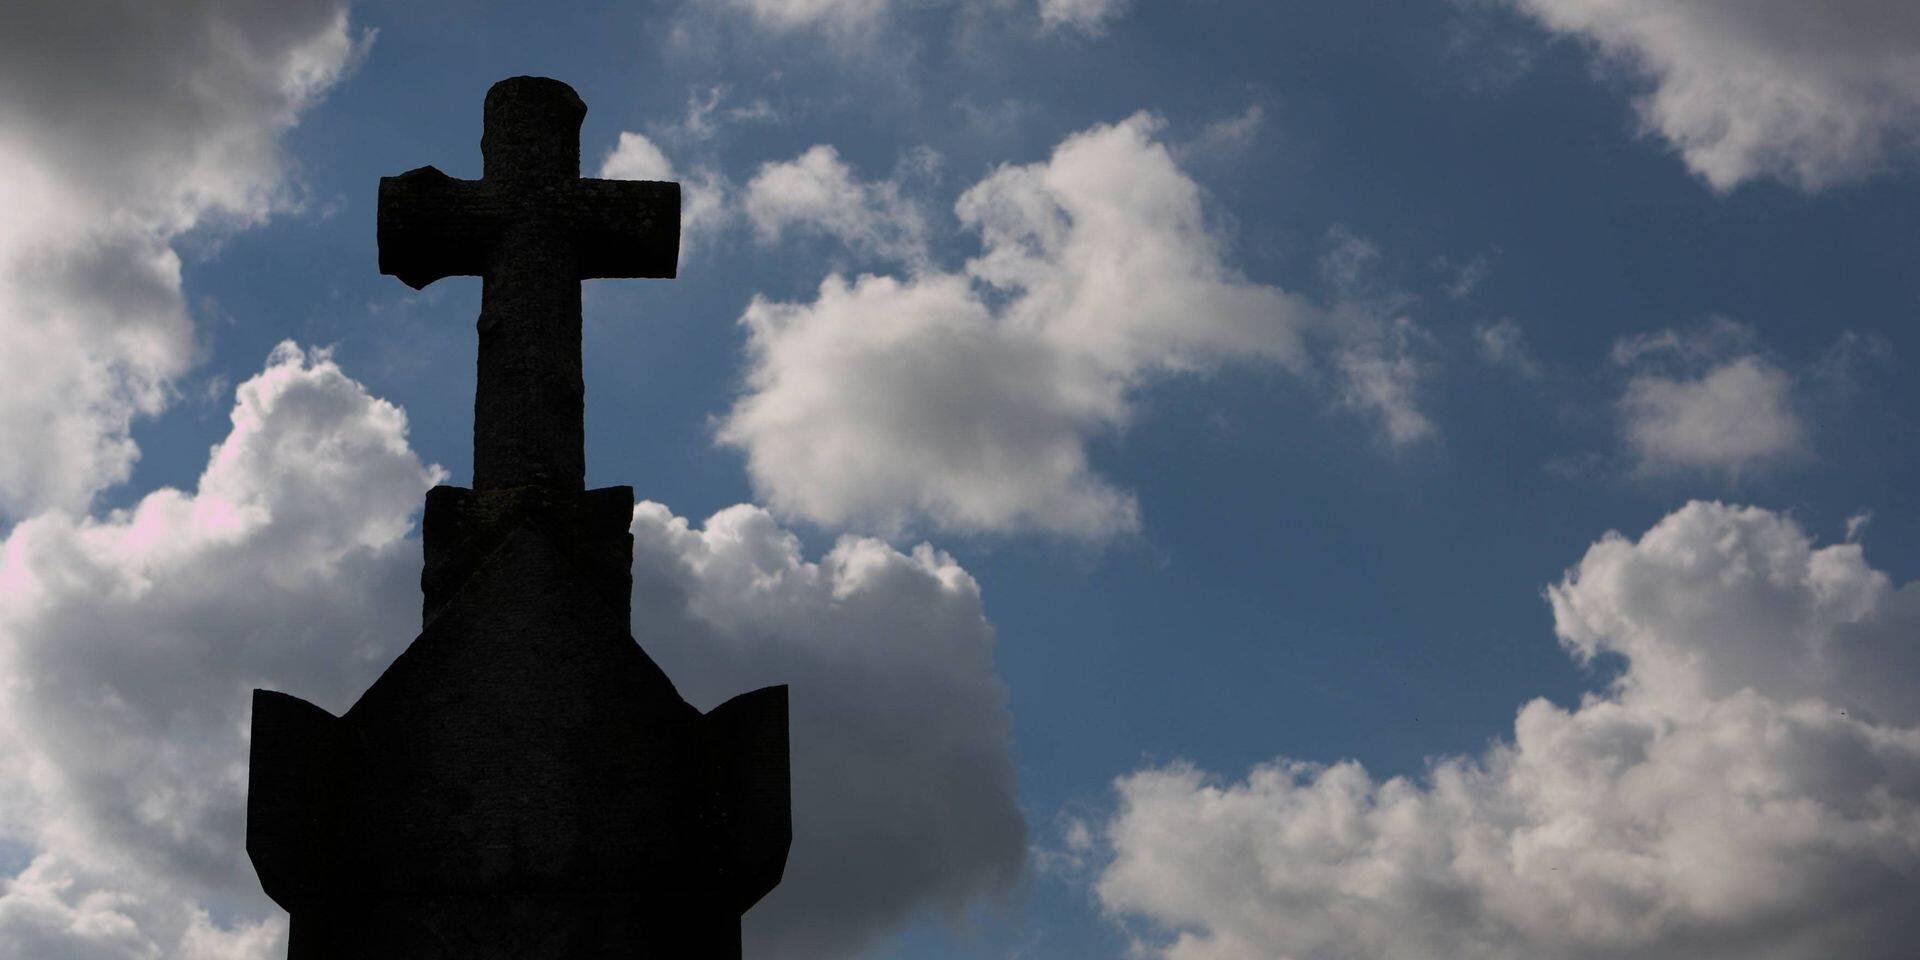 De nouvelles formes de sépultures seront bientôt autorisées à Bruxelles